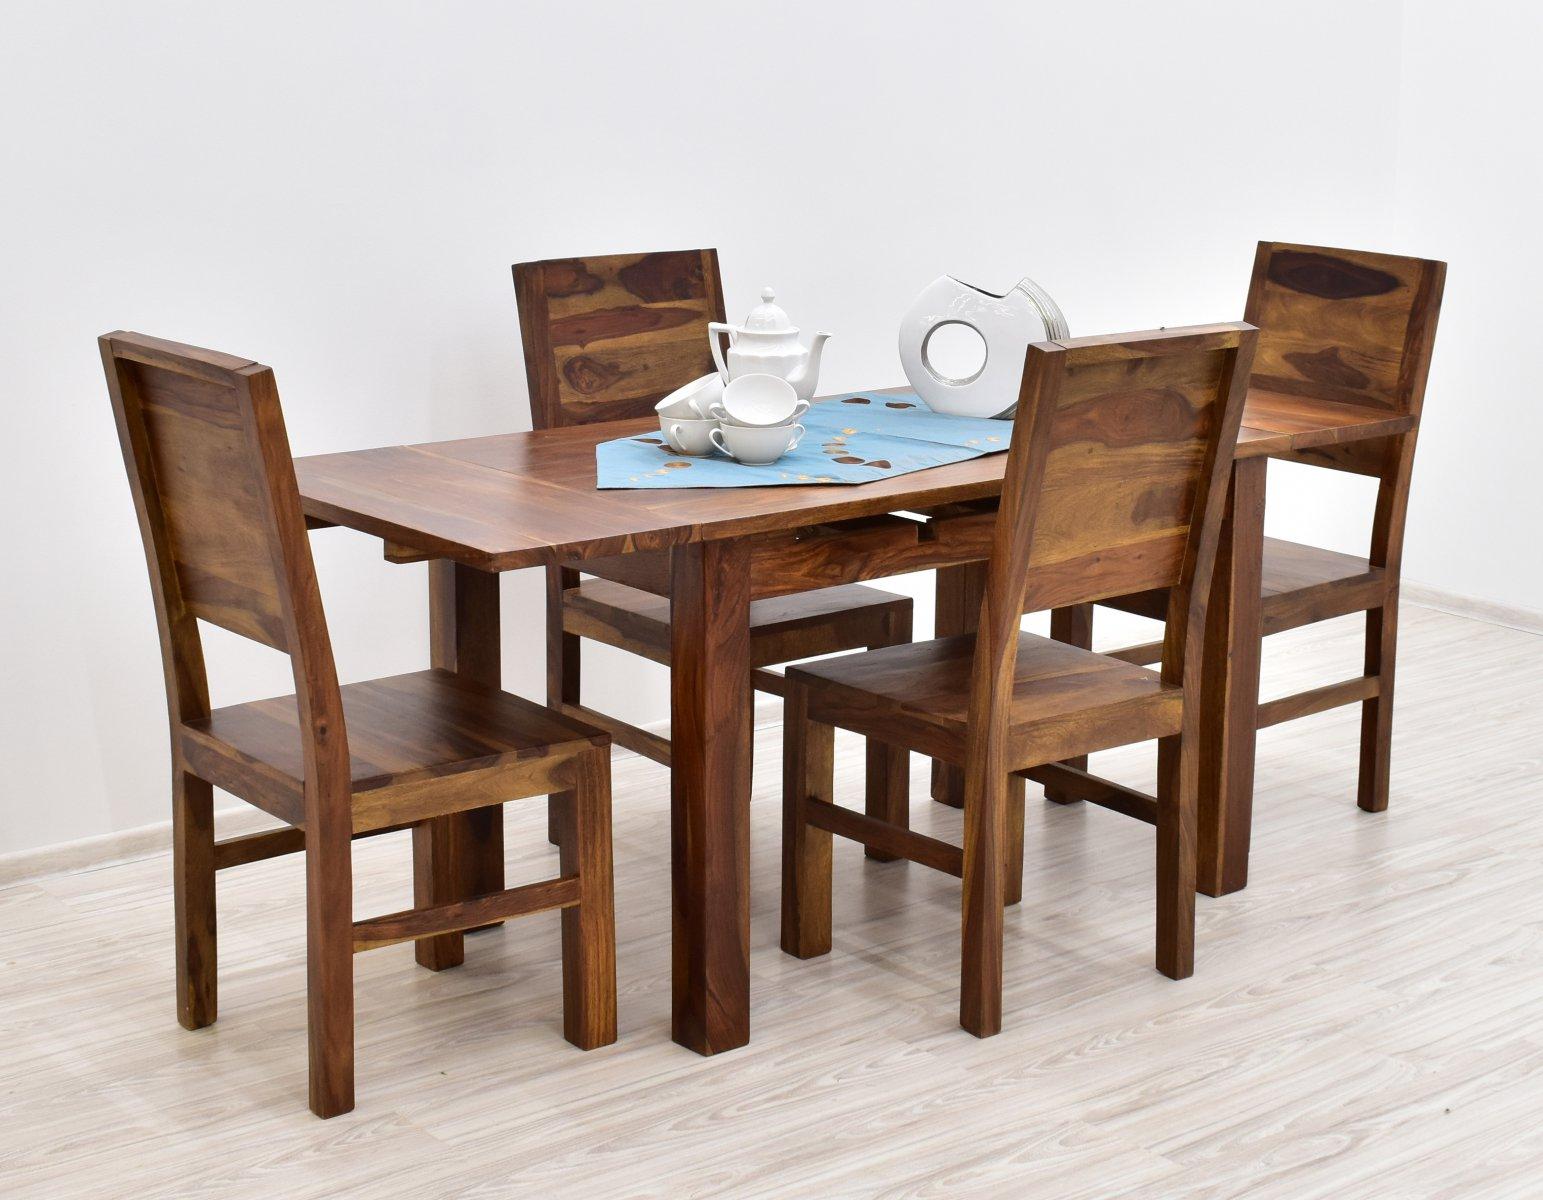 Komplet obiadowy kolonialny stół rozkładany + 4 krzesła lite drewno palisander indyjski styl modernistyczny jasny brąz